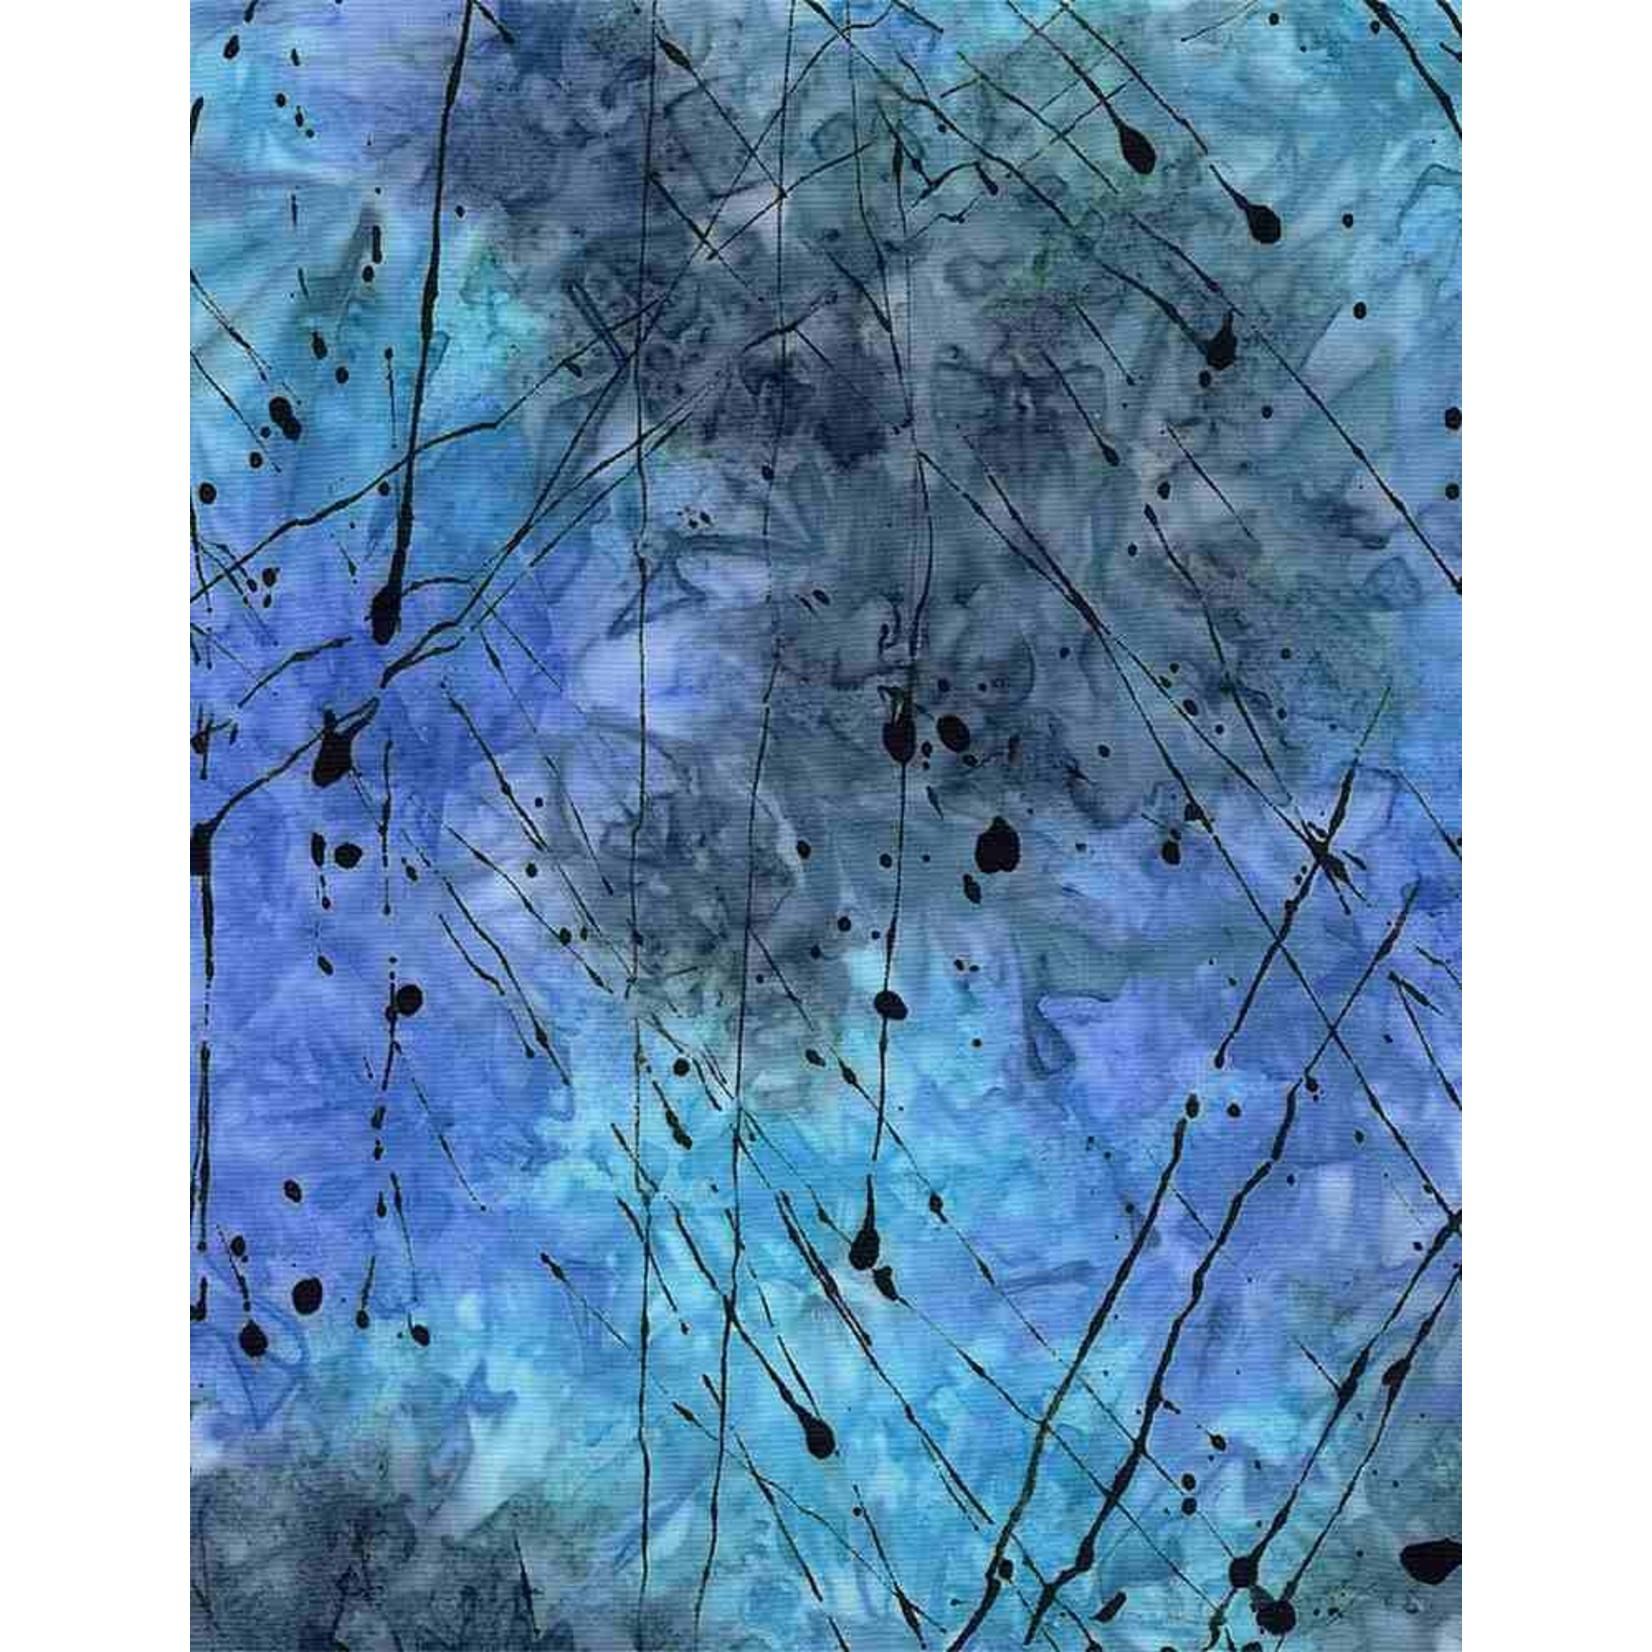 Timeless Treasures Tonga, Impact Splattered Thin Paint, Ocean $0.18 per cm or $18/m